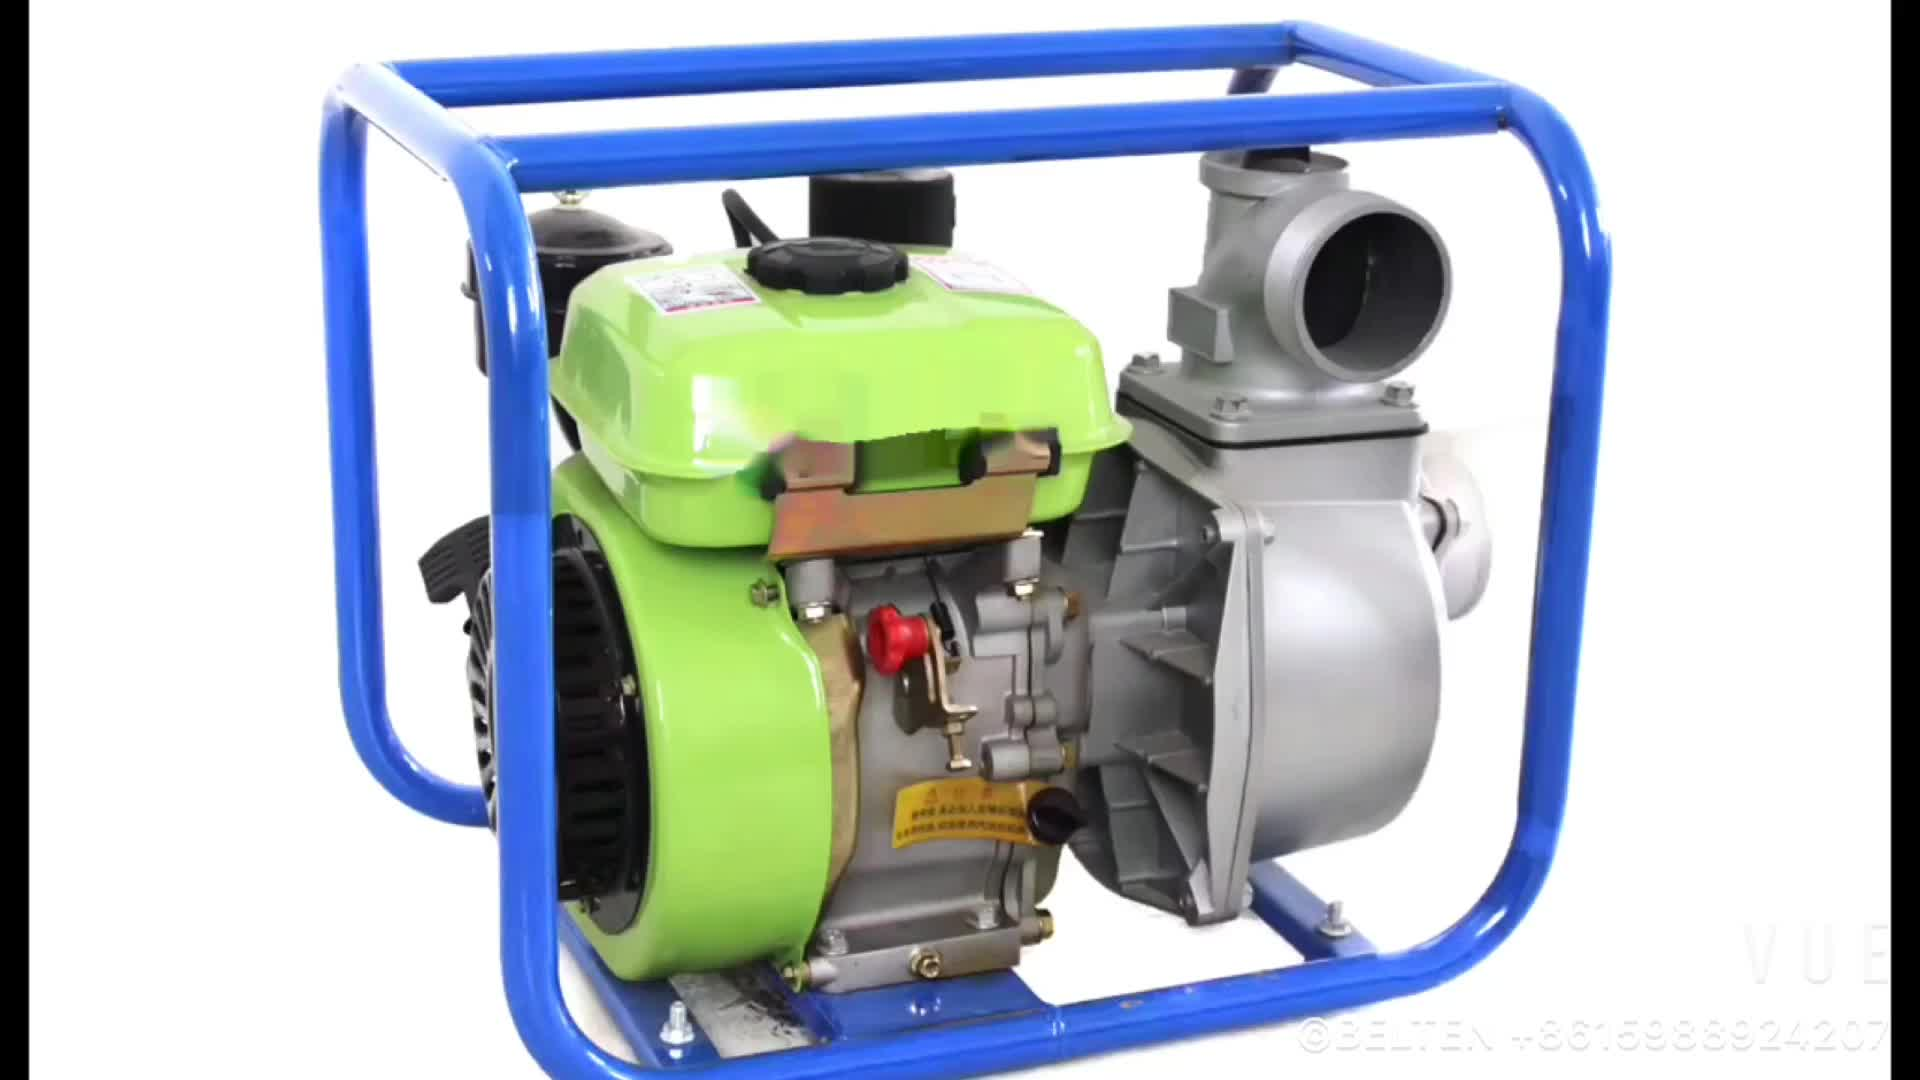 ฮอนด้าเครื่องยนต์ดีเซลปั๊มน้ำชลประทาน